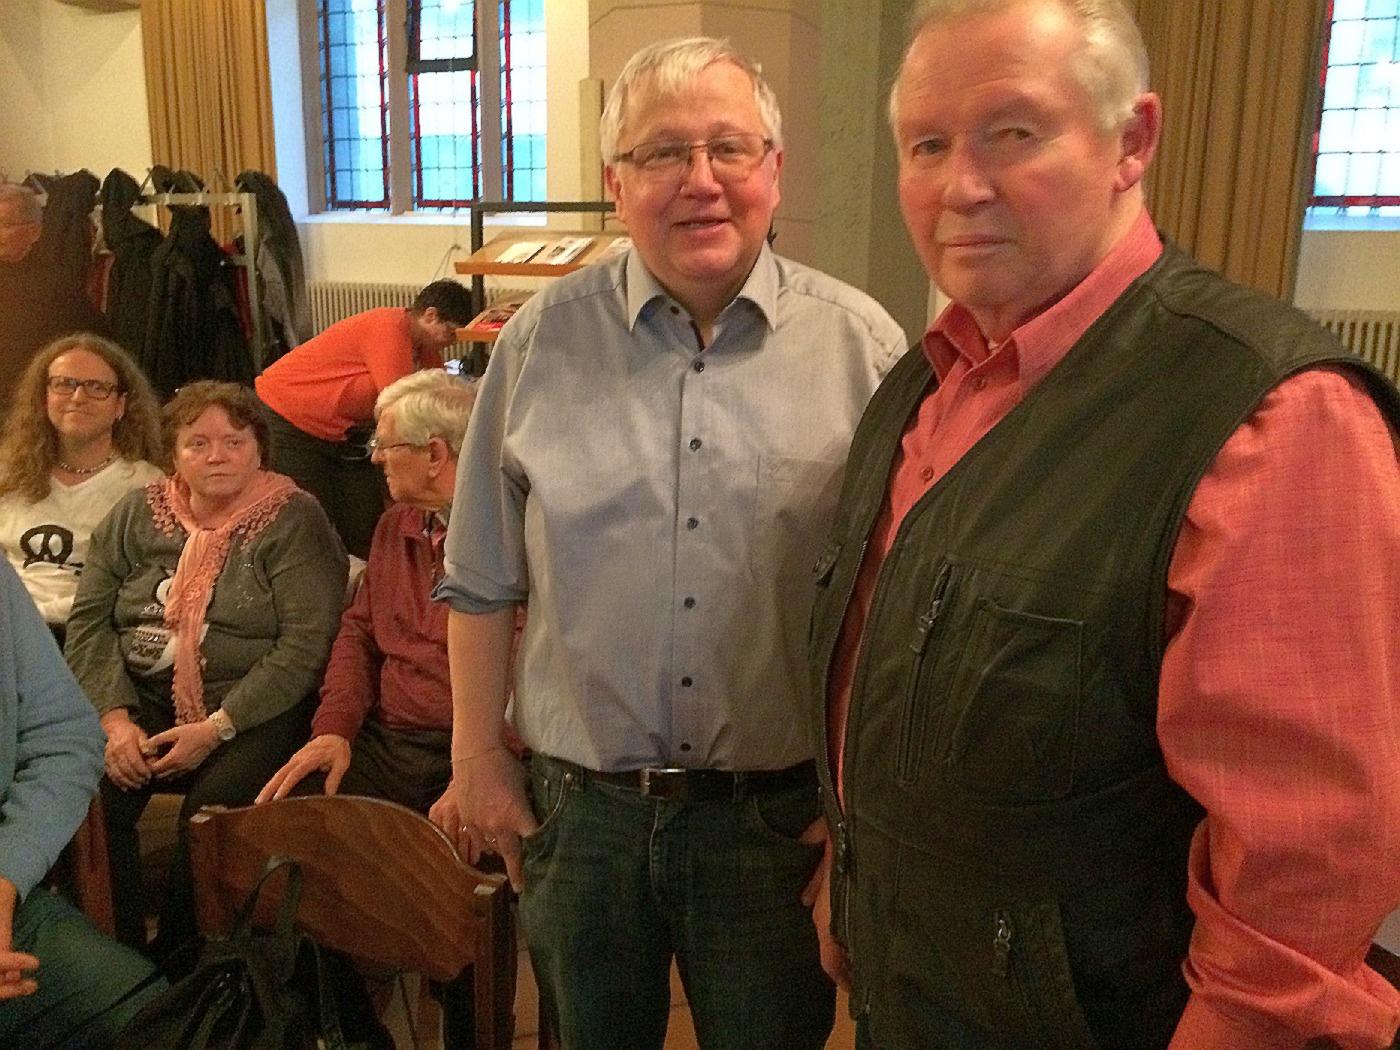 Pfarrer Uwe Schmidt, (L) mit Stadthistoriker Horst Schwenk